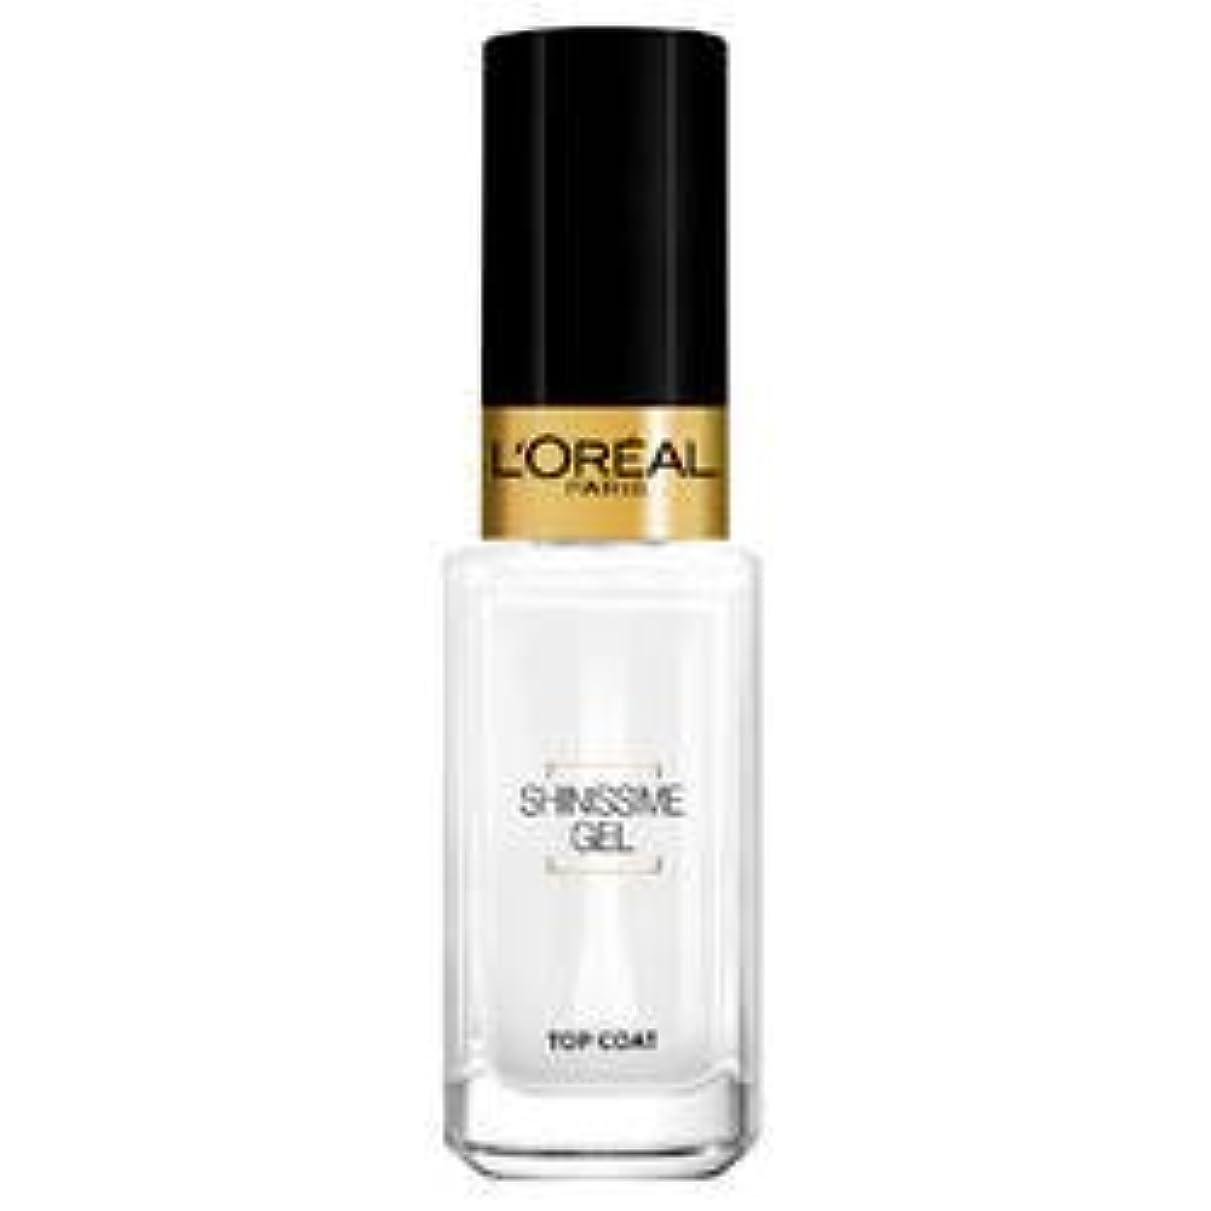 優しさいつ橋L'Oréal Paris La Manucure - Le Top Coat - Shinissime Gel- (for multi-item order extra postage cost will be reimbursed)